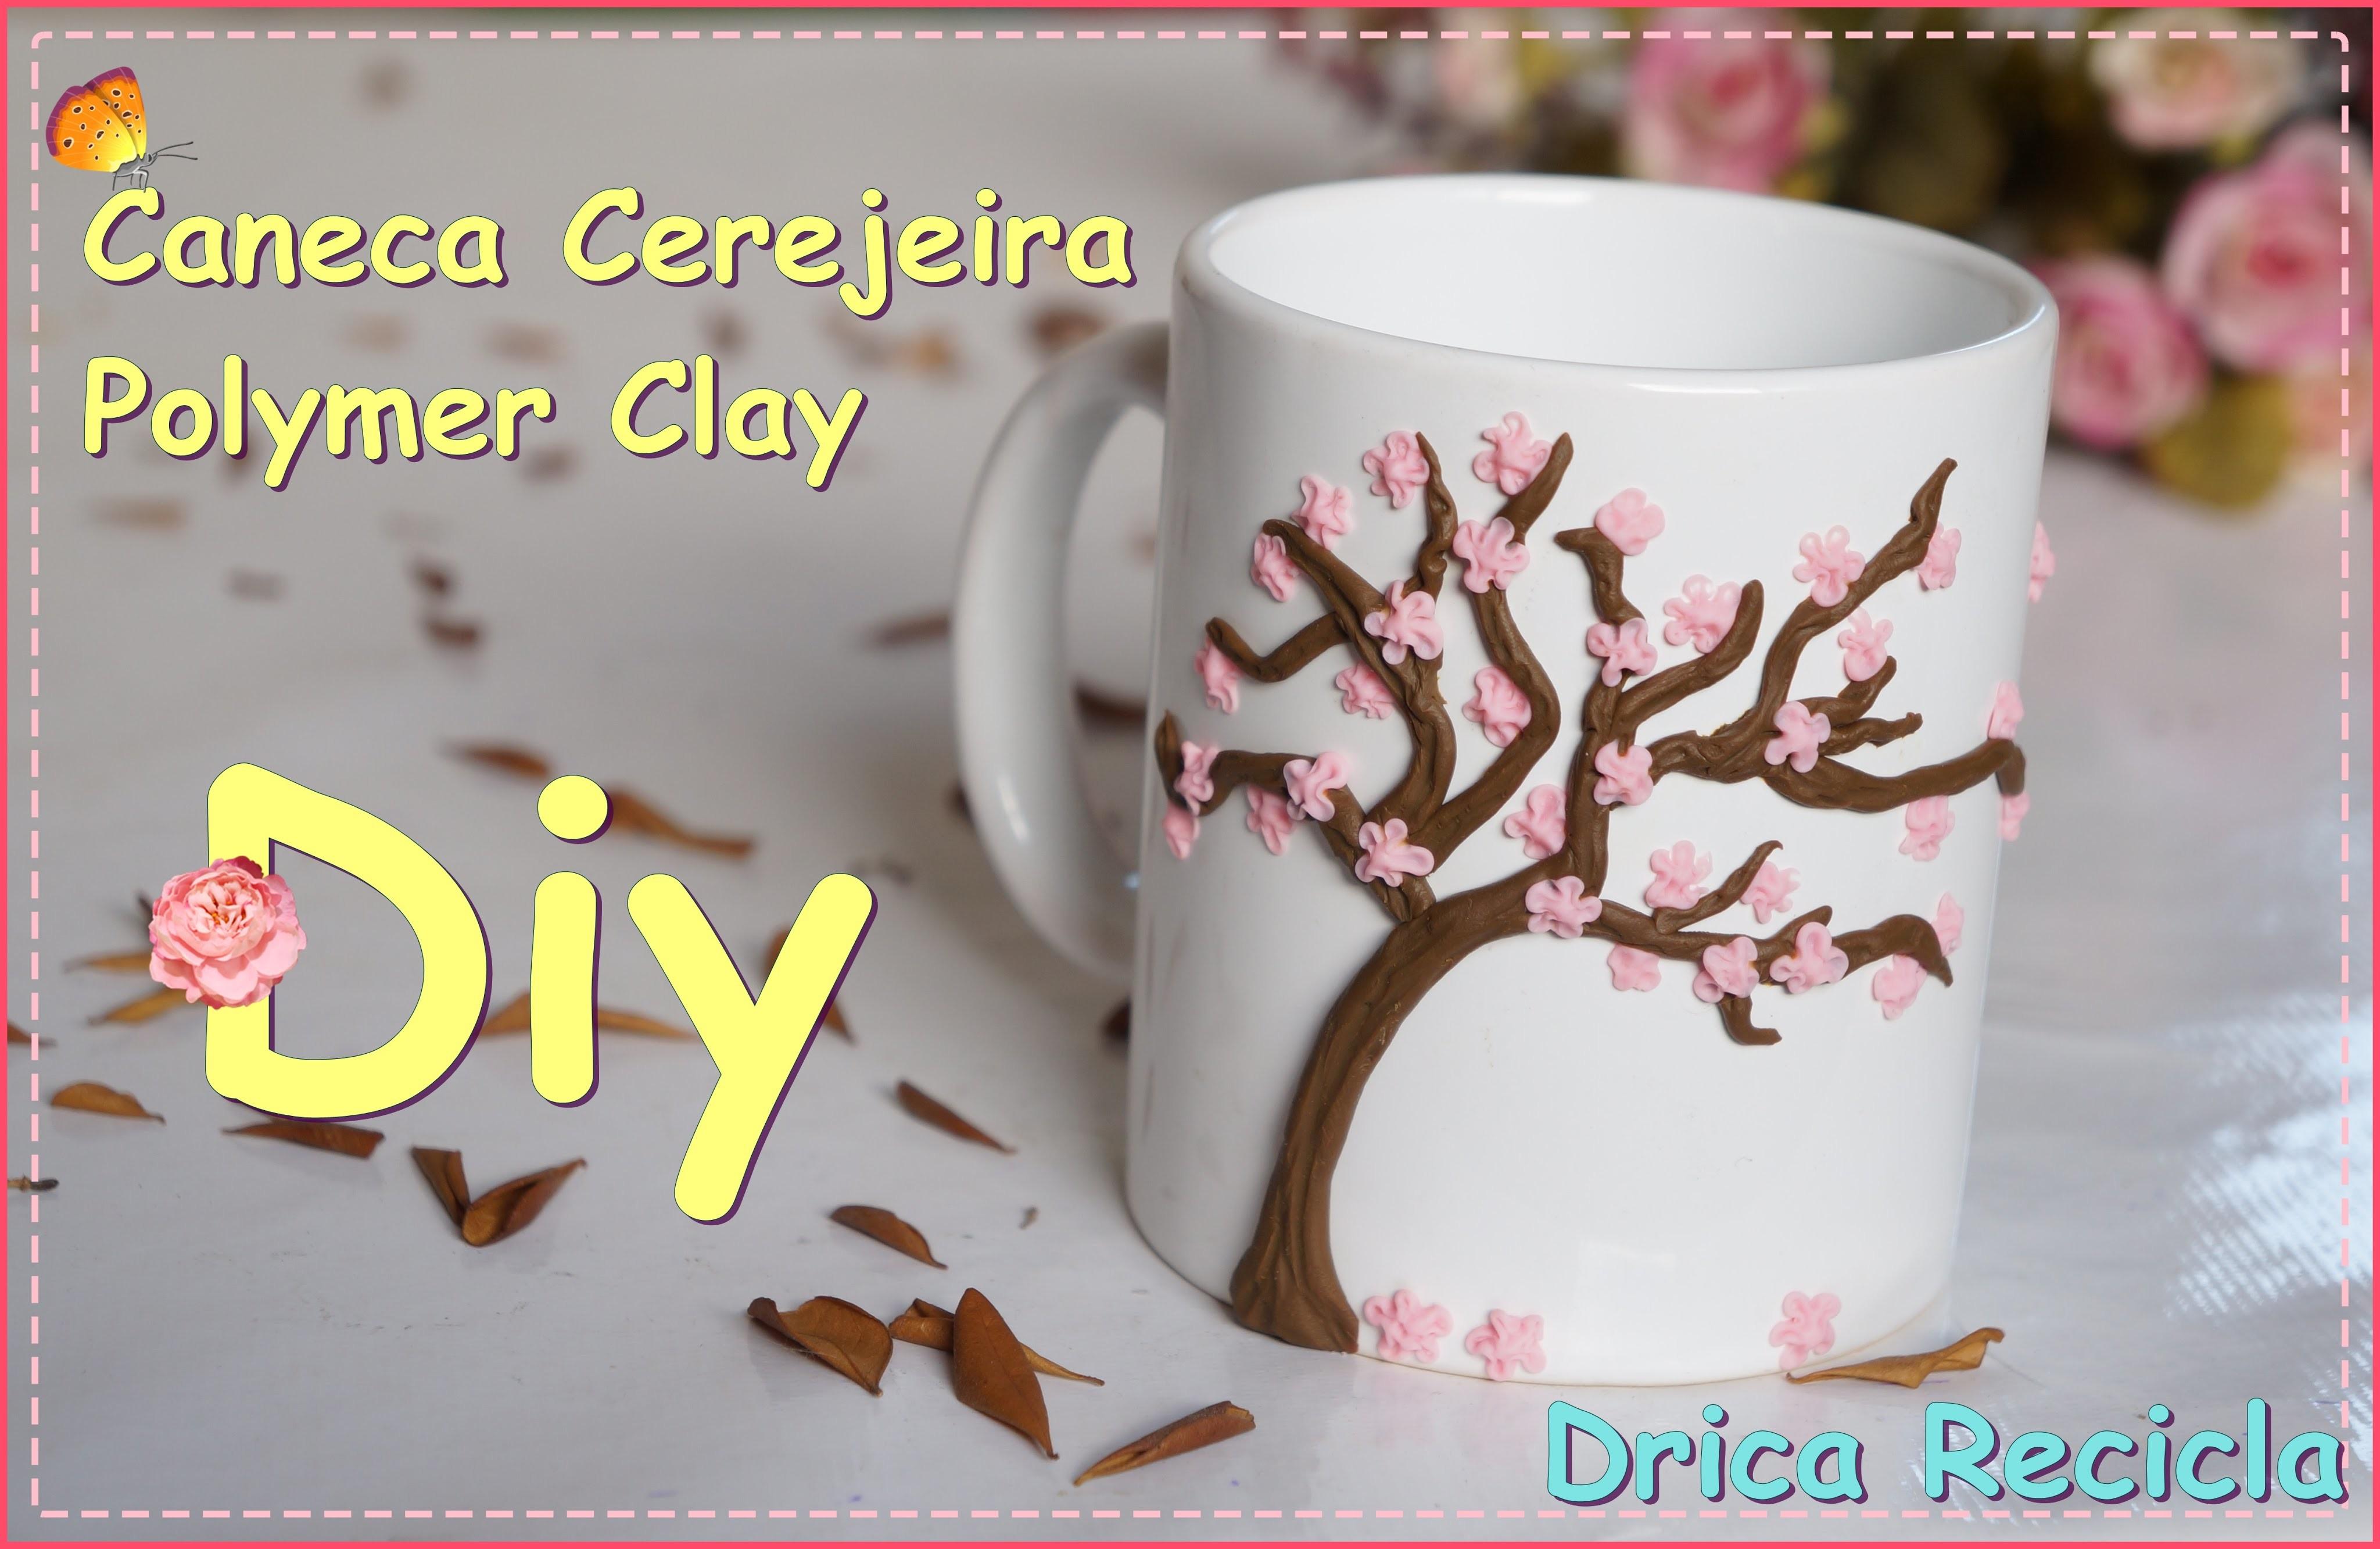 Diy Caneca Cerejeira Sakura Polymer Clay Mug Drica Recicla